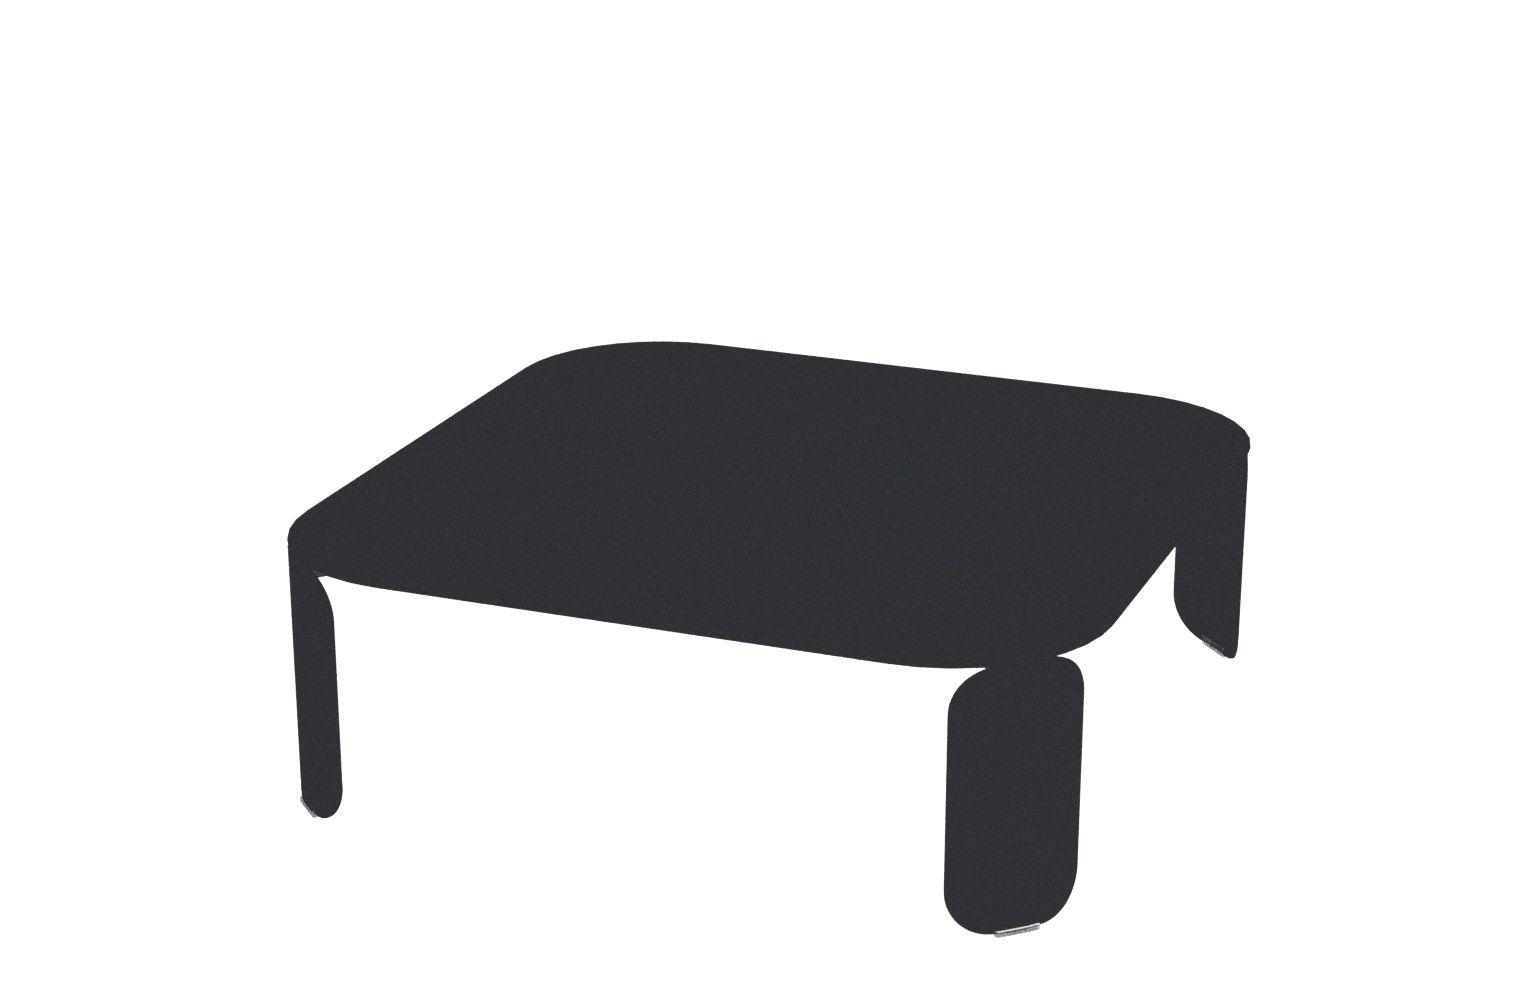 Mobilier - Tables basses - Table basse Bebop / 90 x 90 x H 29 cm - Fermob - Carbone - Acier, Aluminium